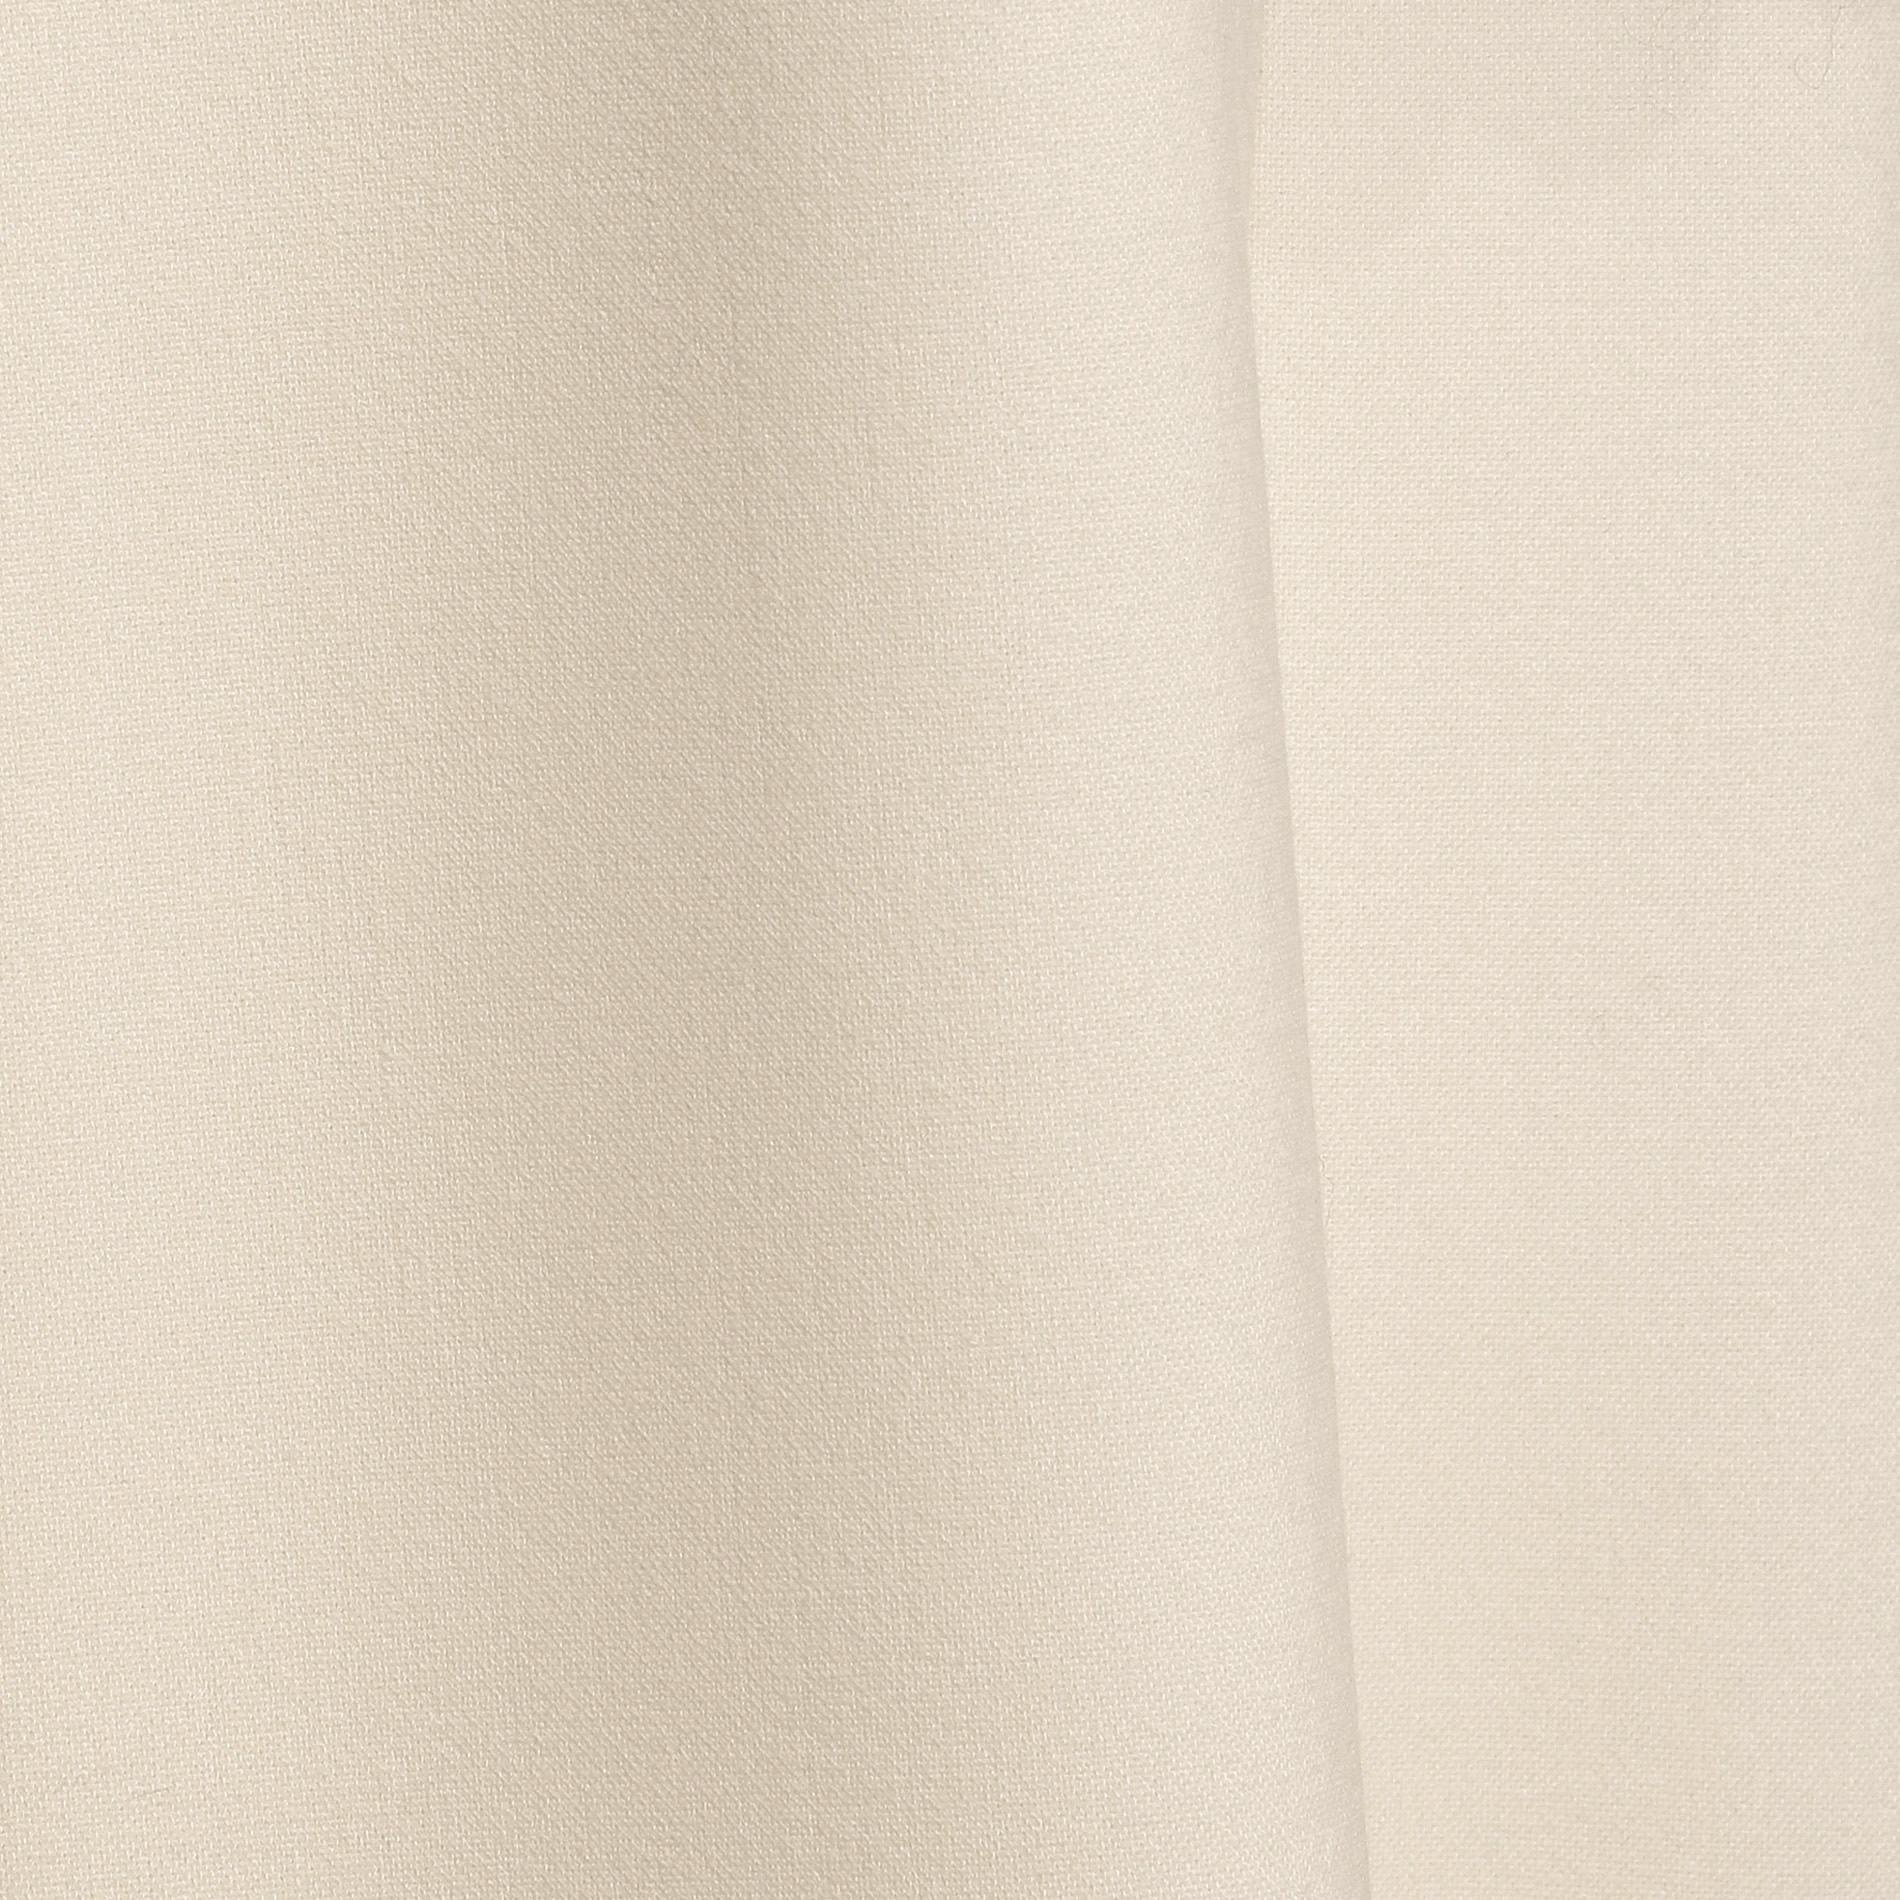 ライトダブルクロスストレッチスカート